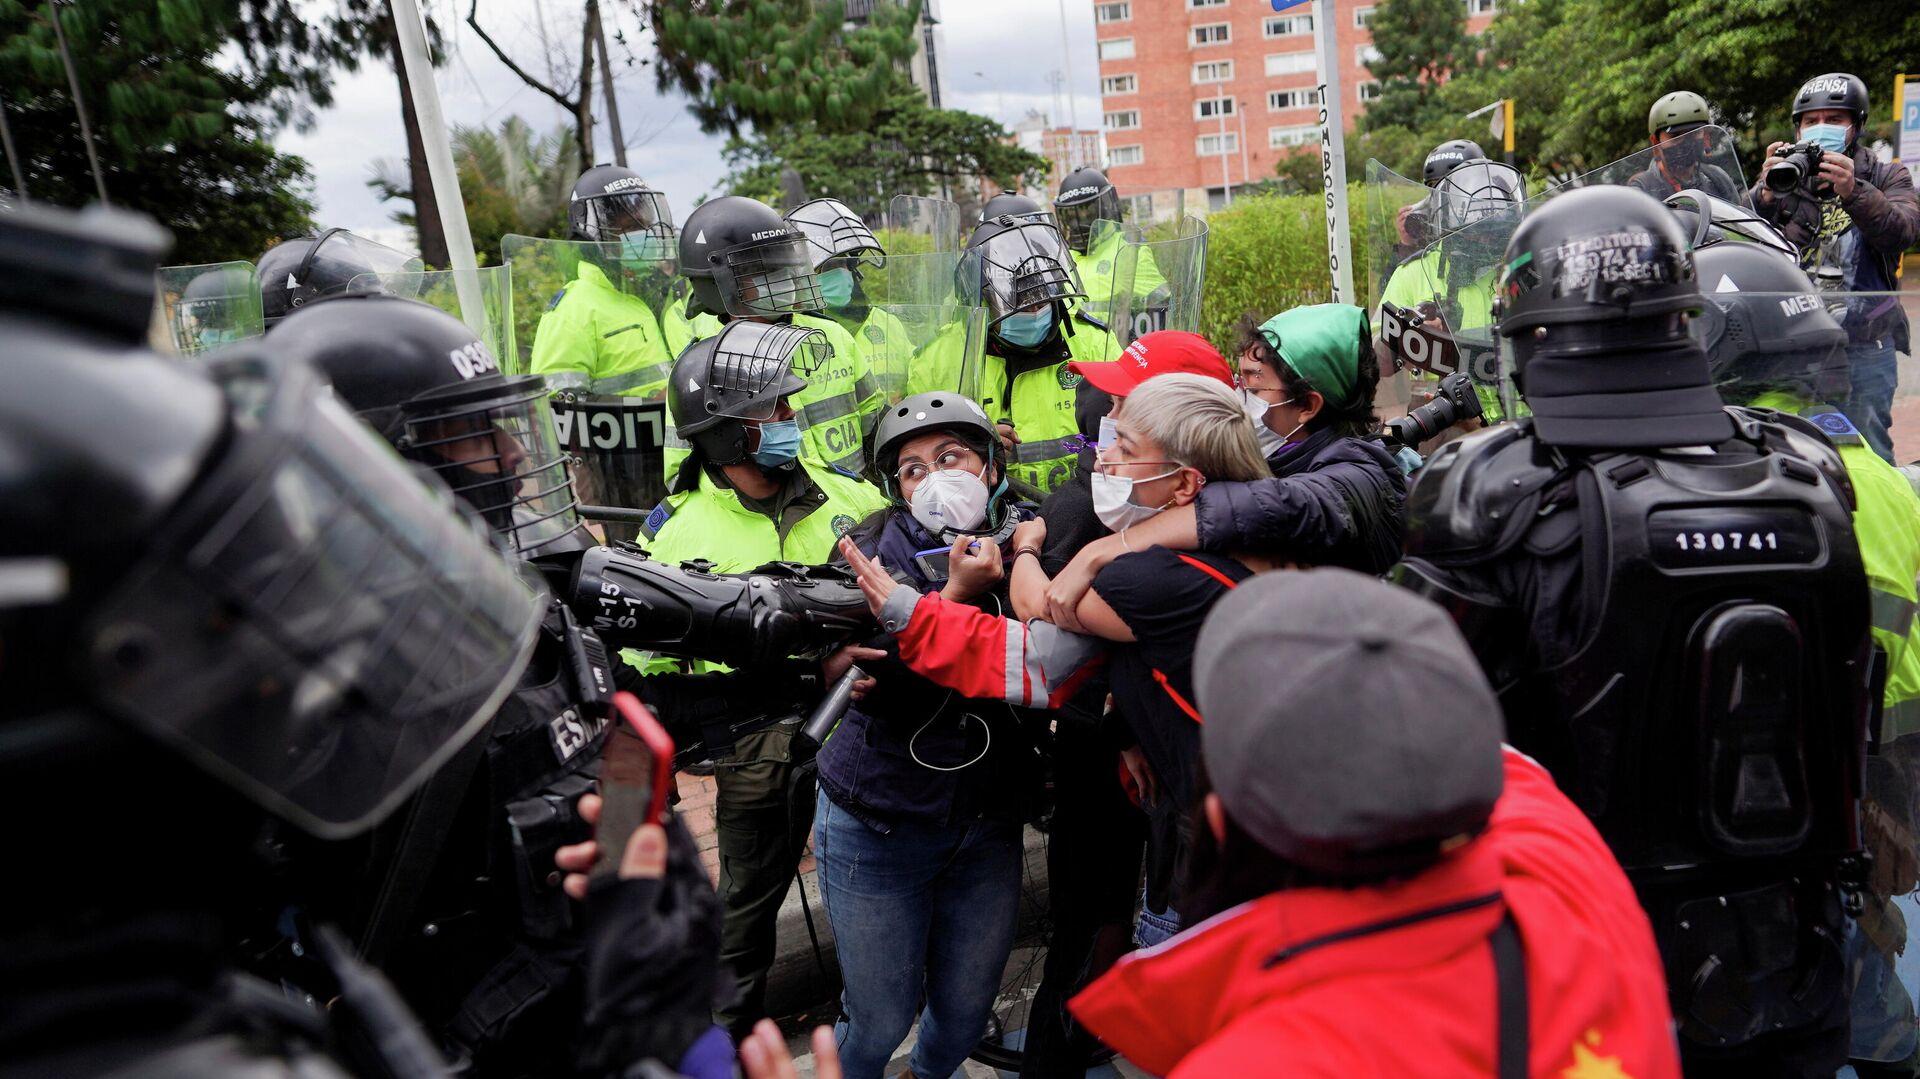 Líder social denuncia que las víctimas del abuso policial en Colombia son  pobres y jóvenes - 18.05.2021, Sputnik Mundo